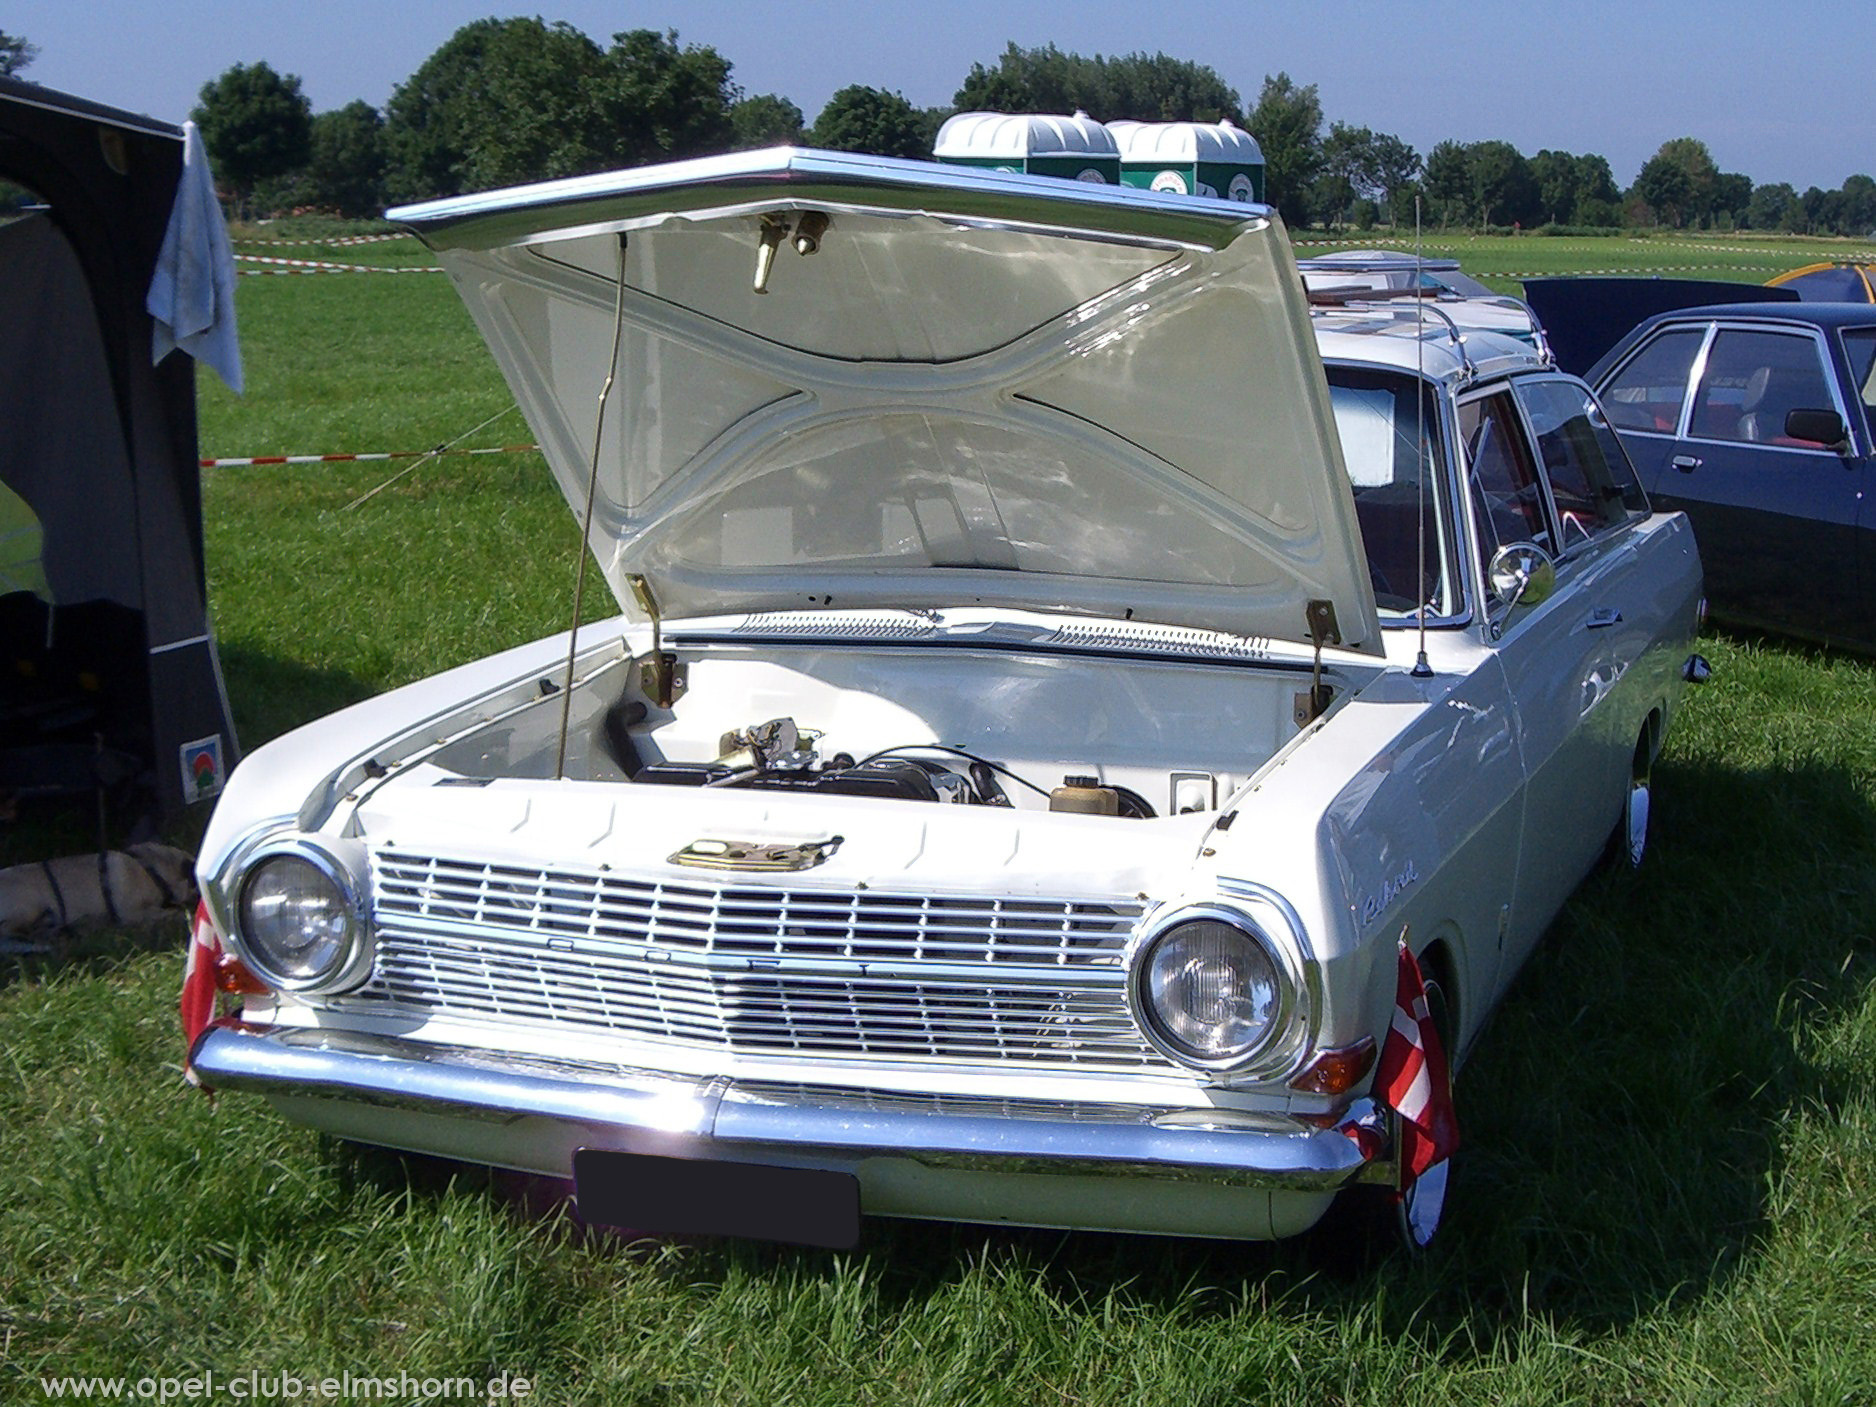 Opeltreffen Brunsbüttel Opelfreunde 2008 - 20080704_164039 - Rekord A Caravan